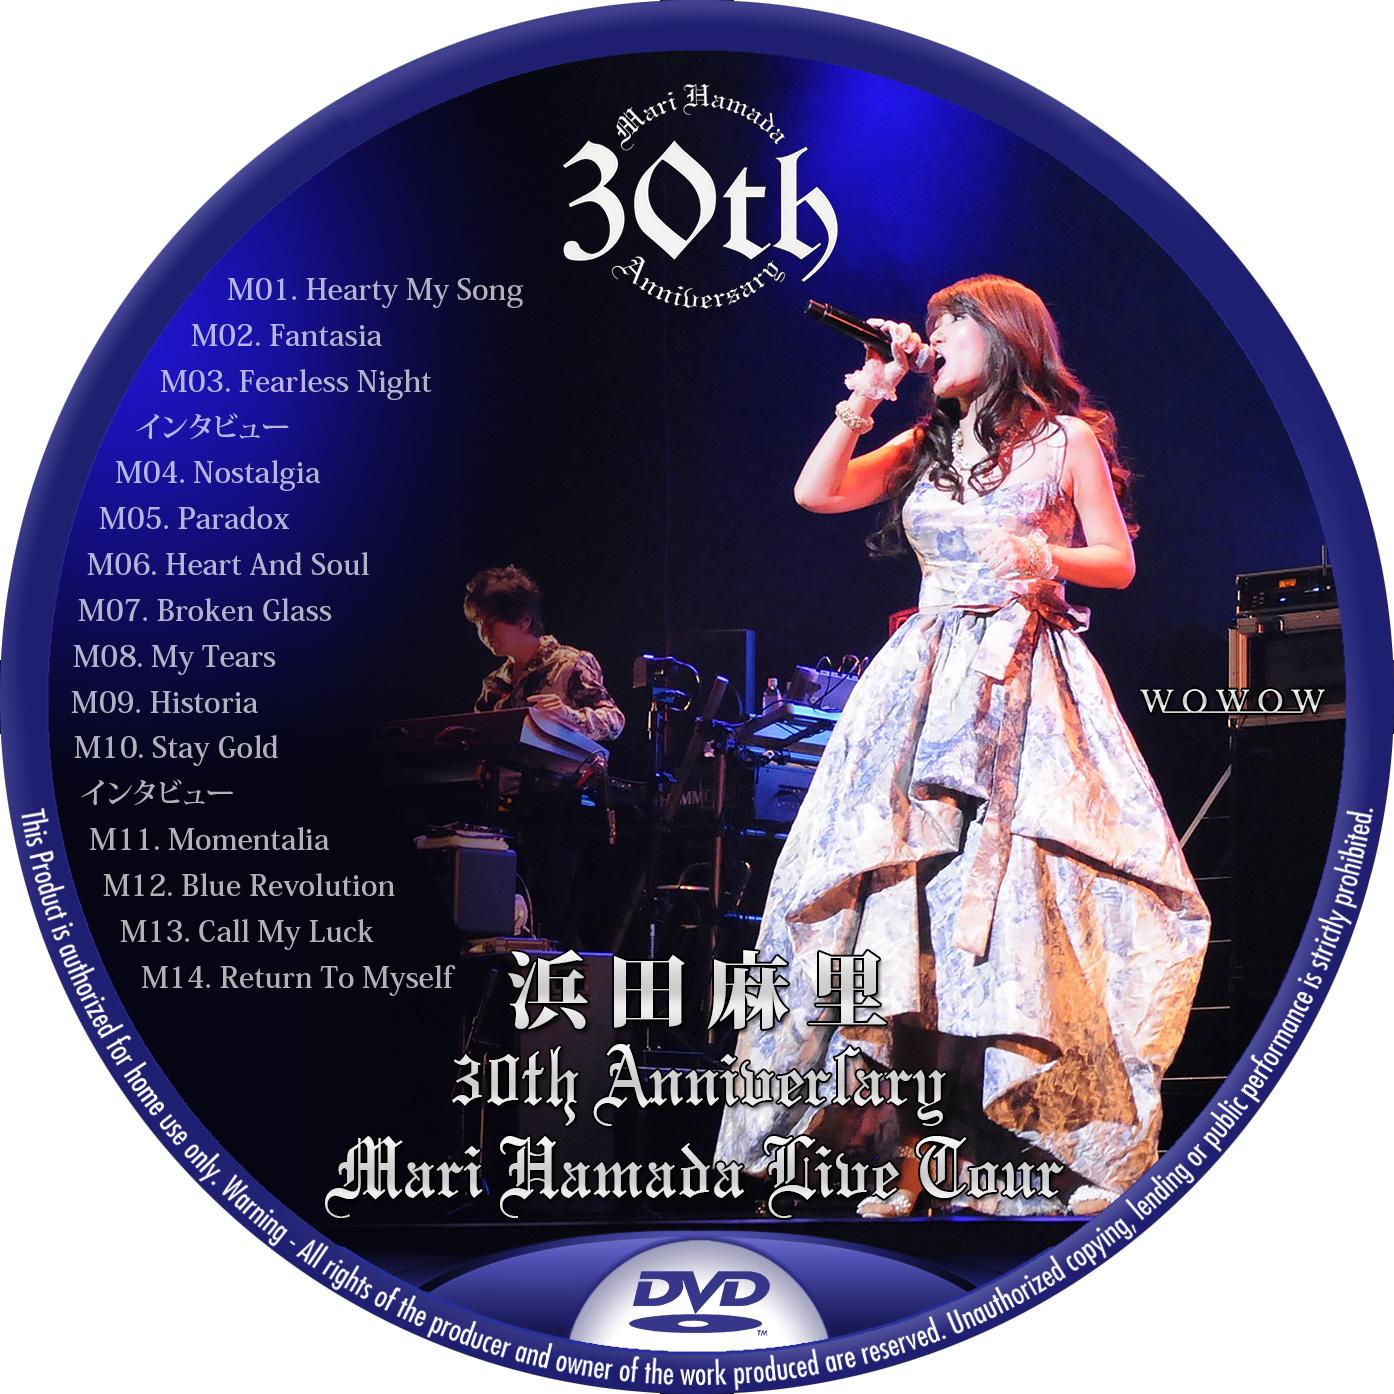 浜田麻里 WOWOW DVDラベル